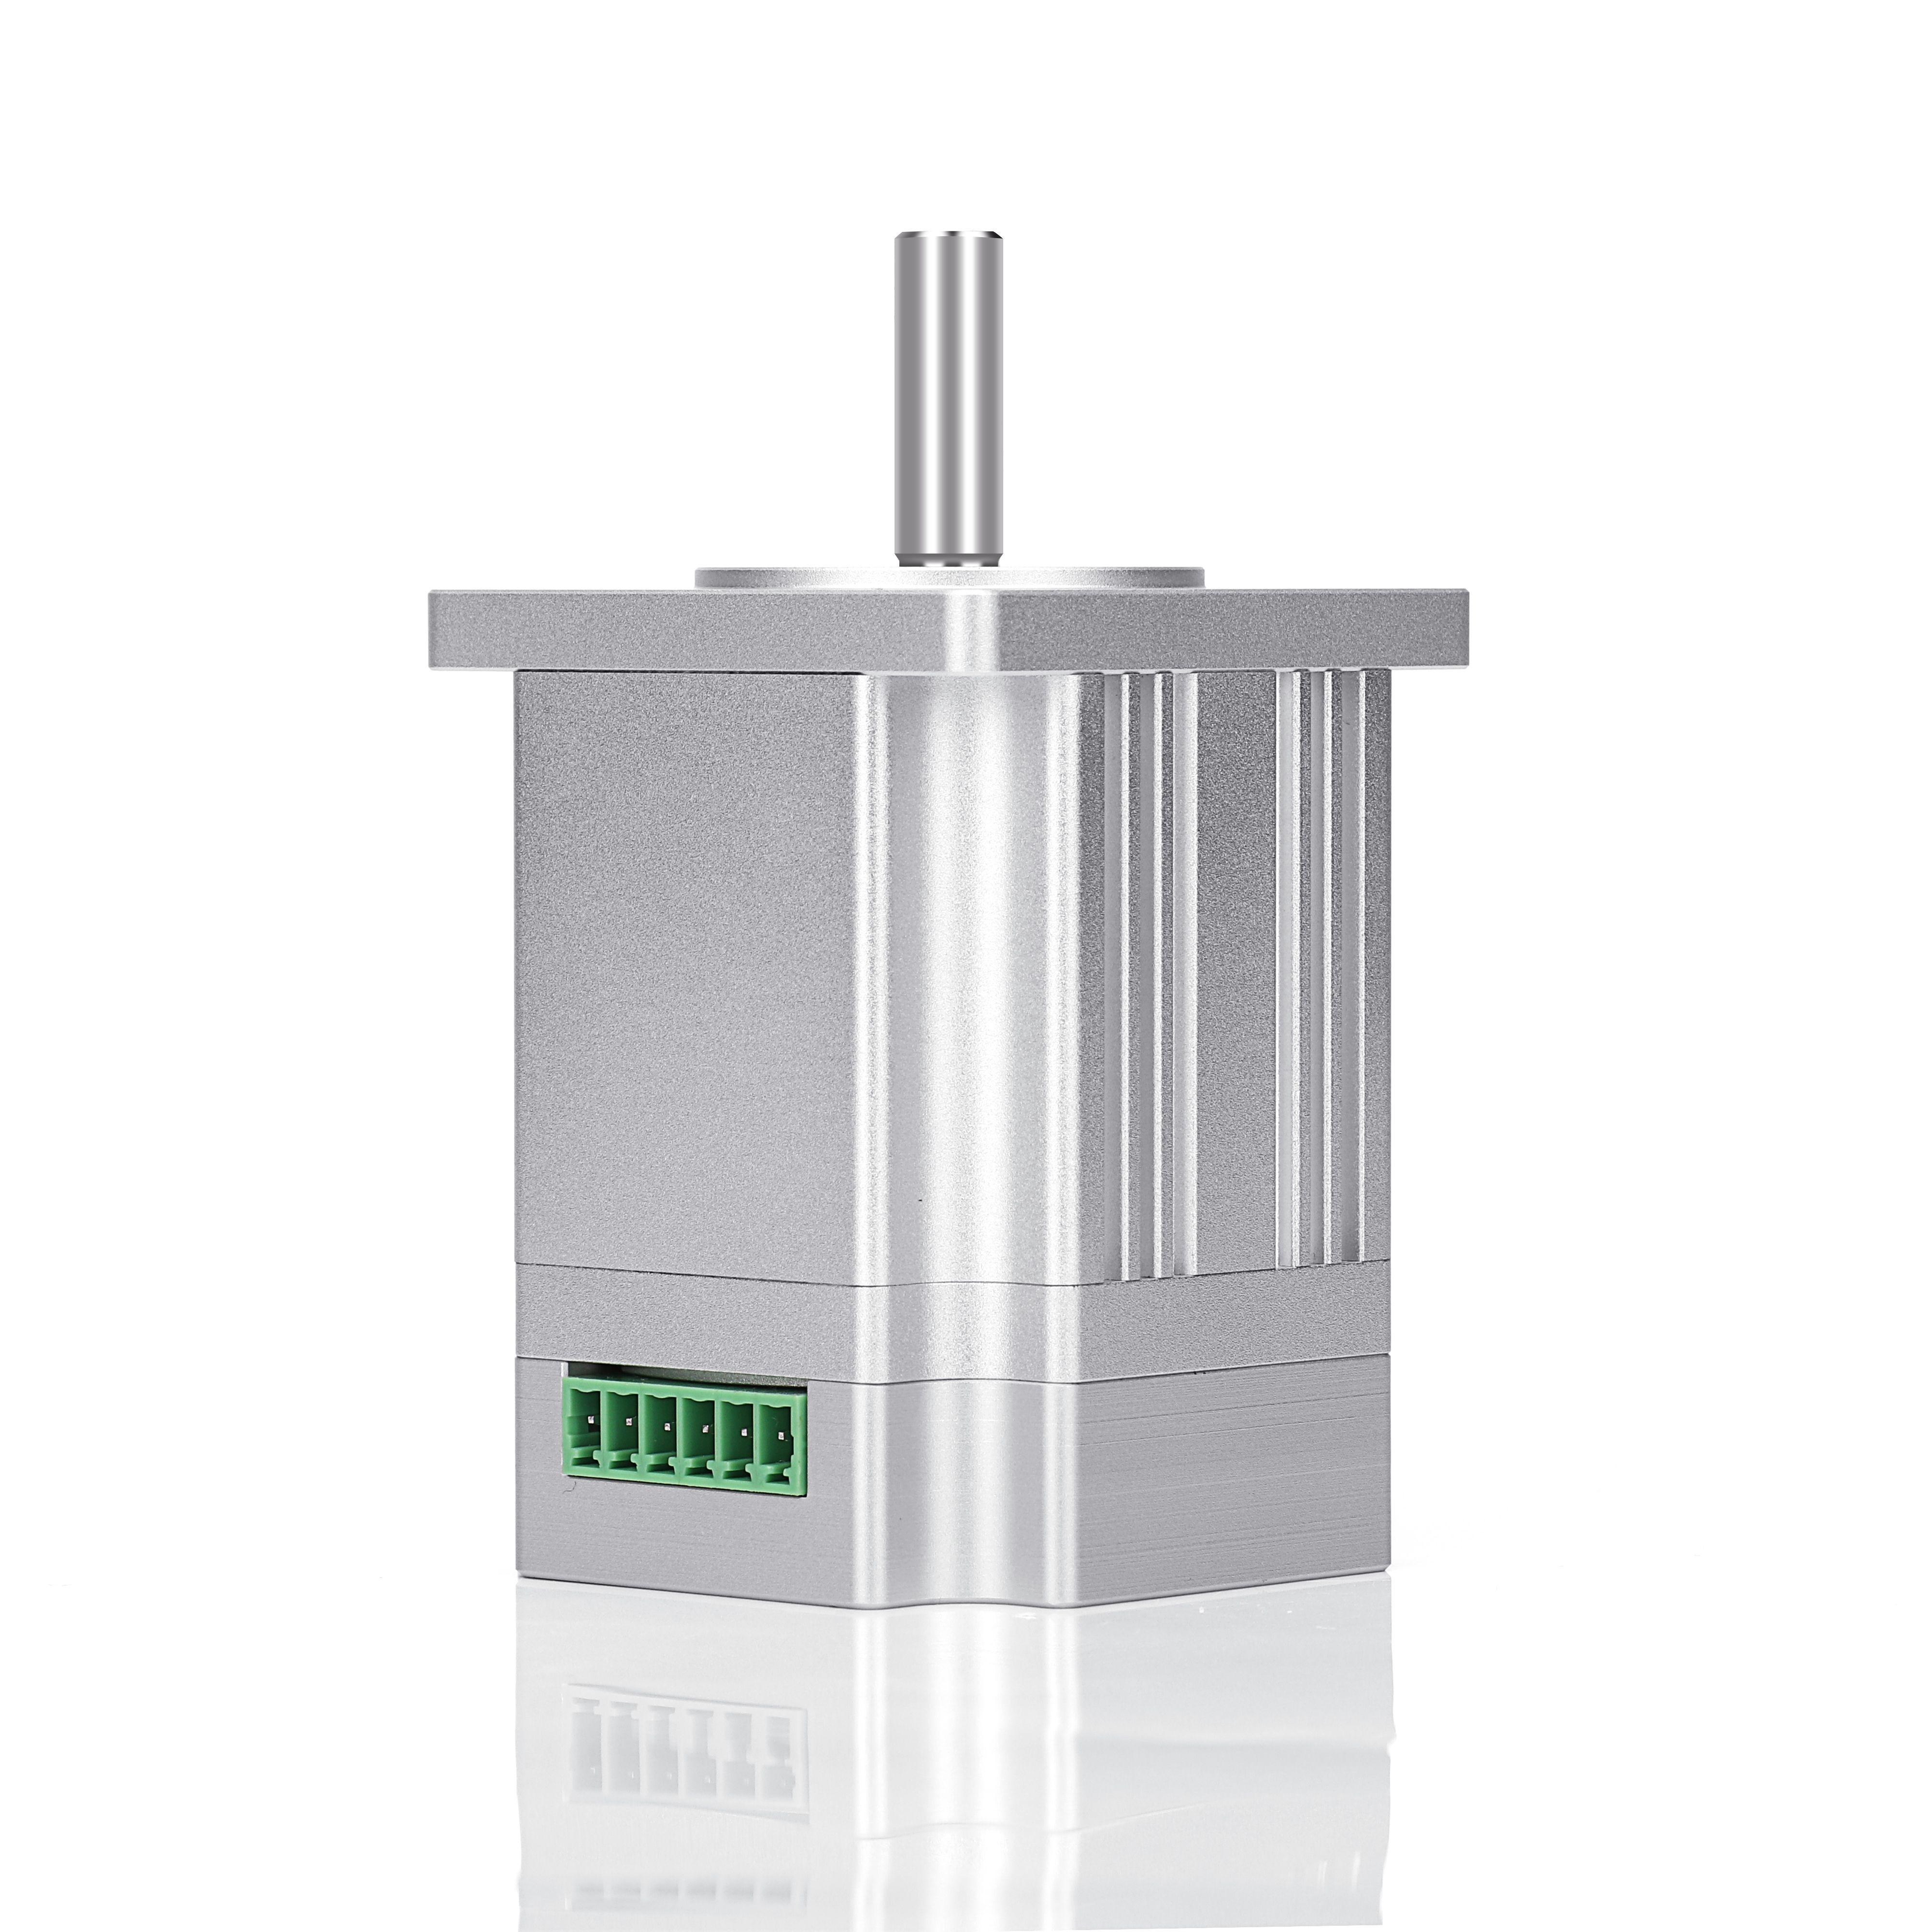 Controle de Torque Alto para a Máscara Acionamento Direto Integrado Servo Motor Foc Maquinaria Respiração Respirador 5715 5715b 5730 5730baio dd